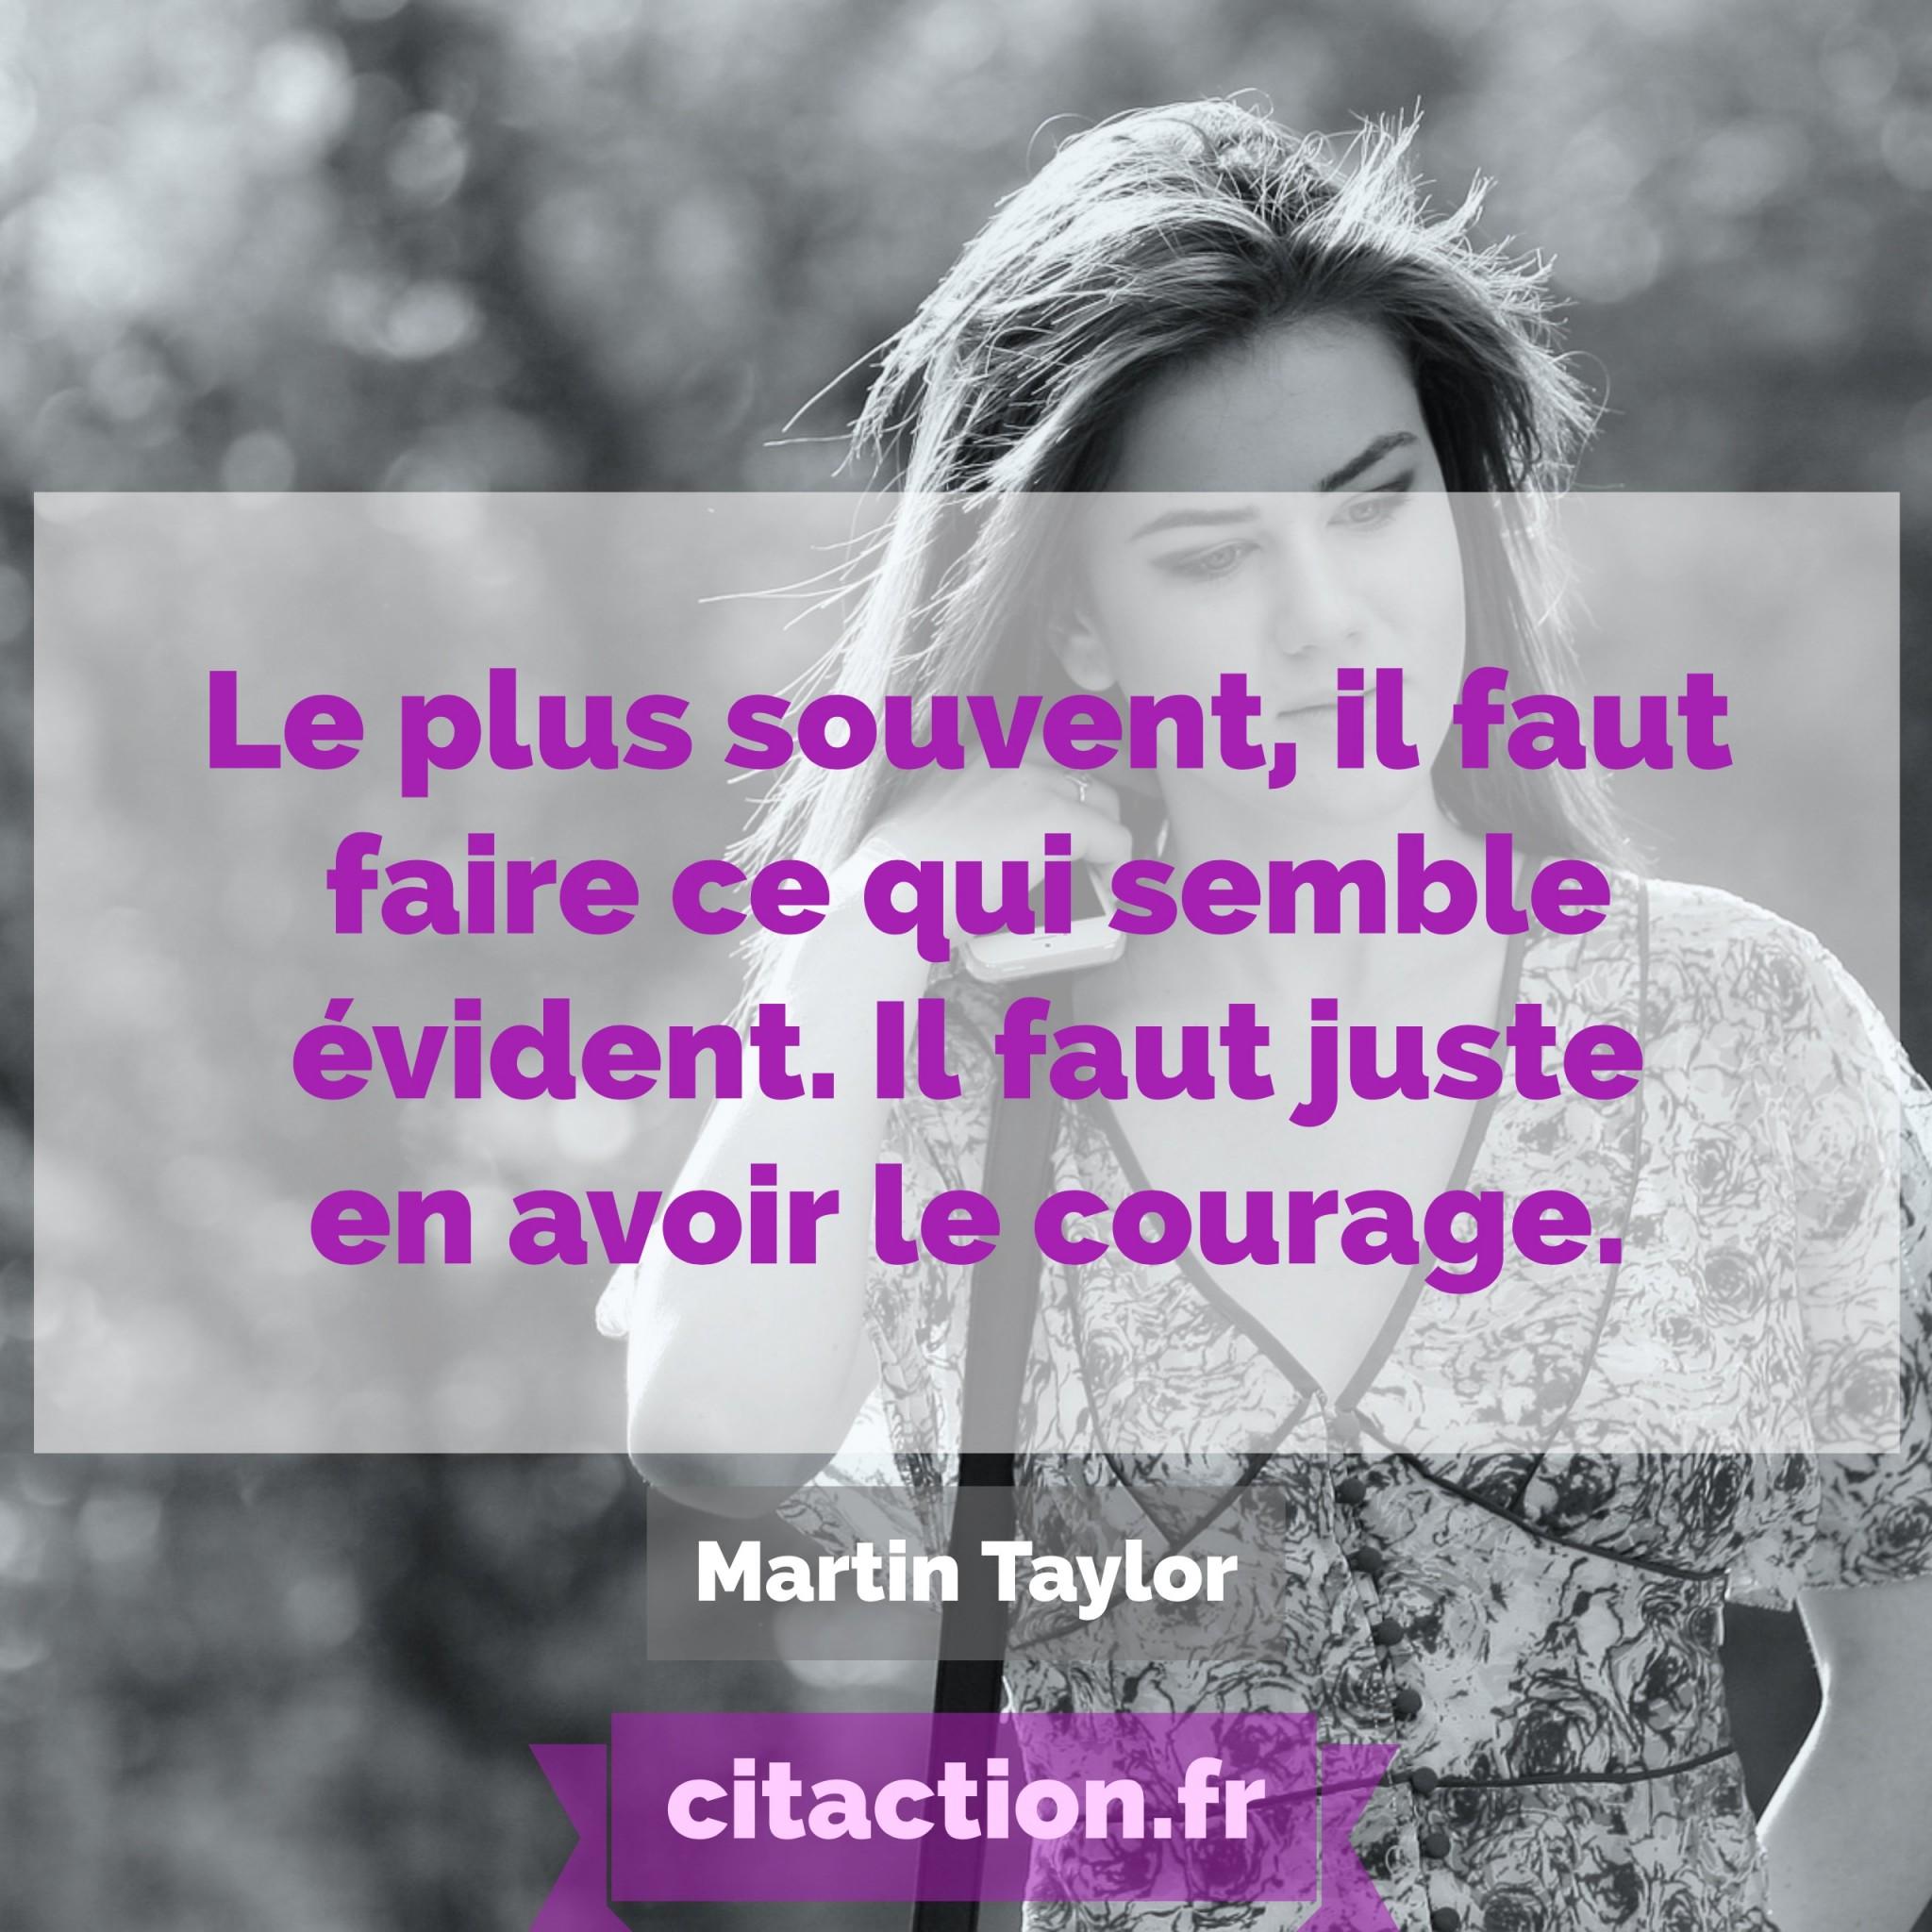 le-plus-souvent-il-faut-faire-ce-qui-semble-evident-il-faut-juste-en-avoir-le-courage